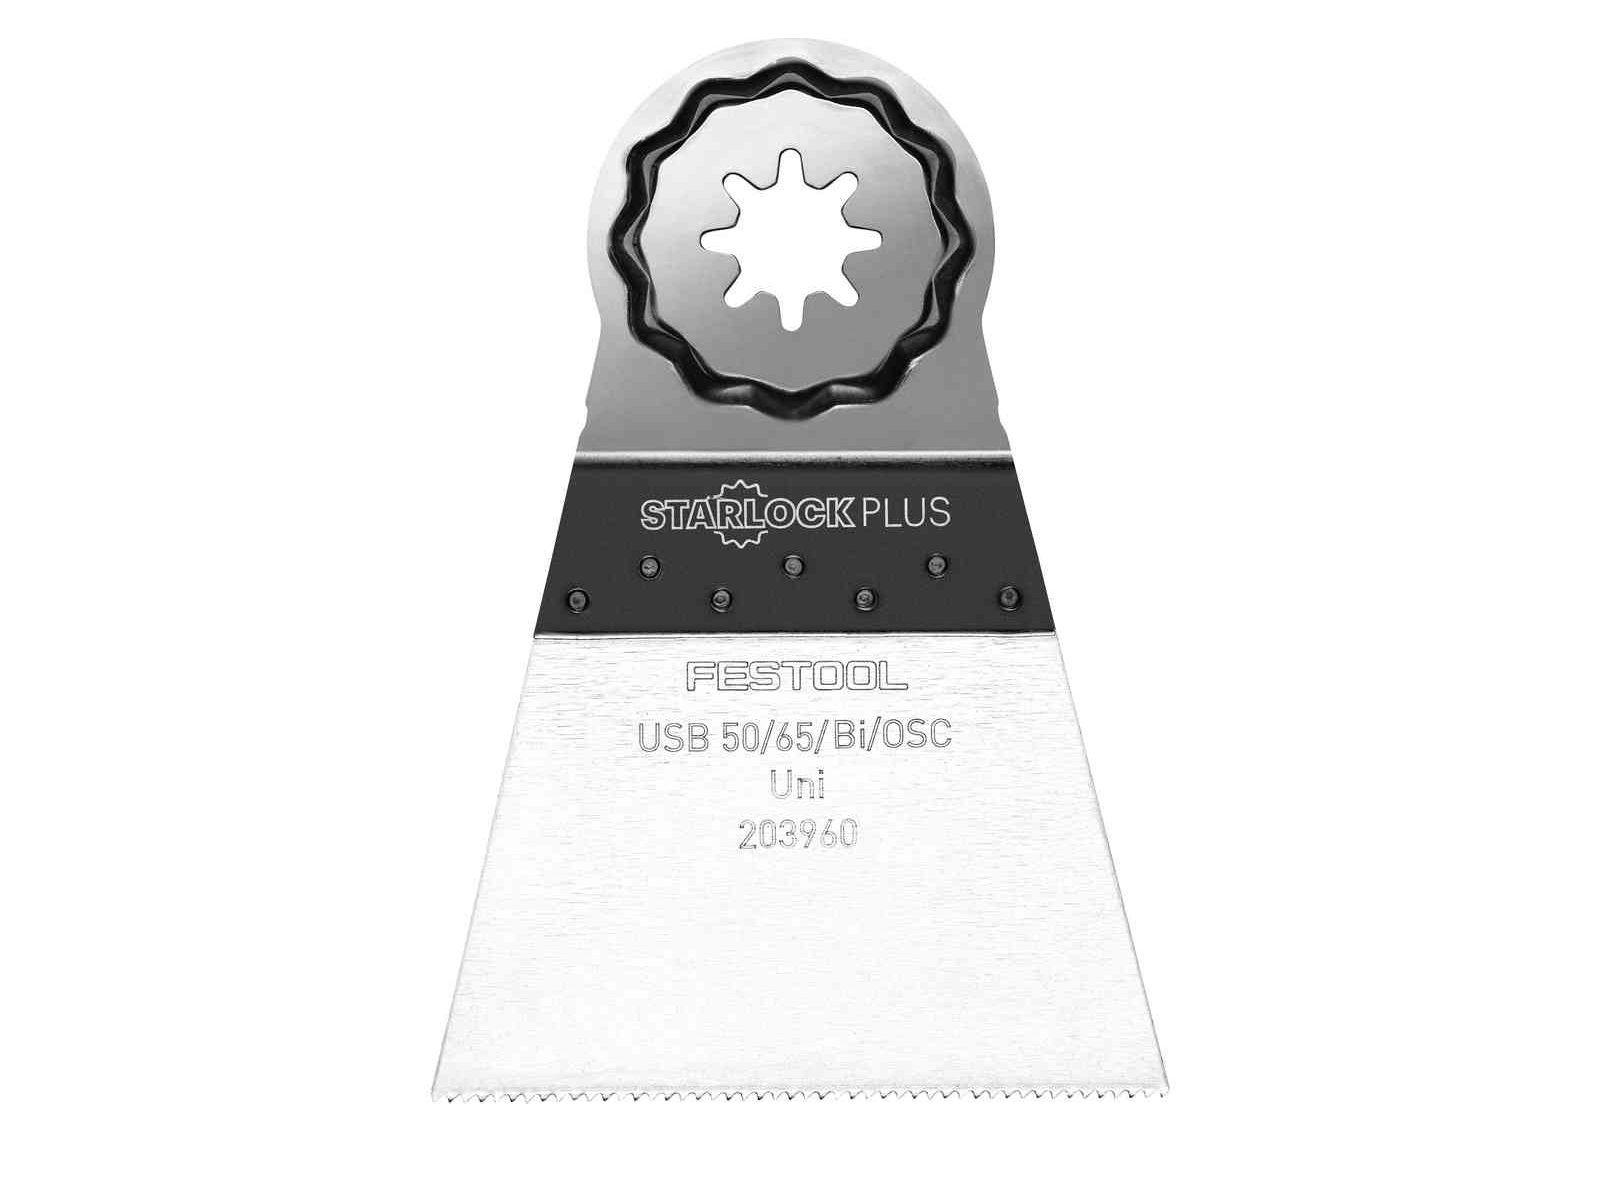 5ks BIM ponorný pilový list pro aku multifunkční nářadí Festool OSC 18 - 50x65mm (Festool USB 50/65/Bi/OSC/5), kód: 203960